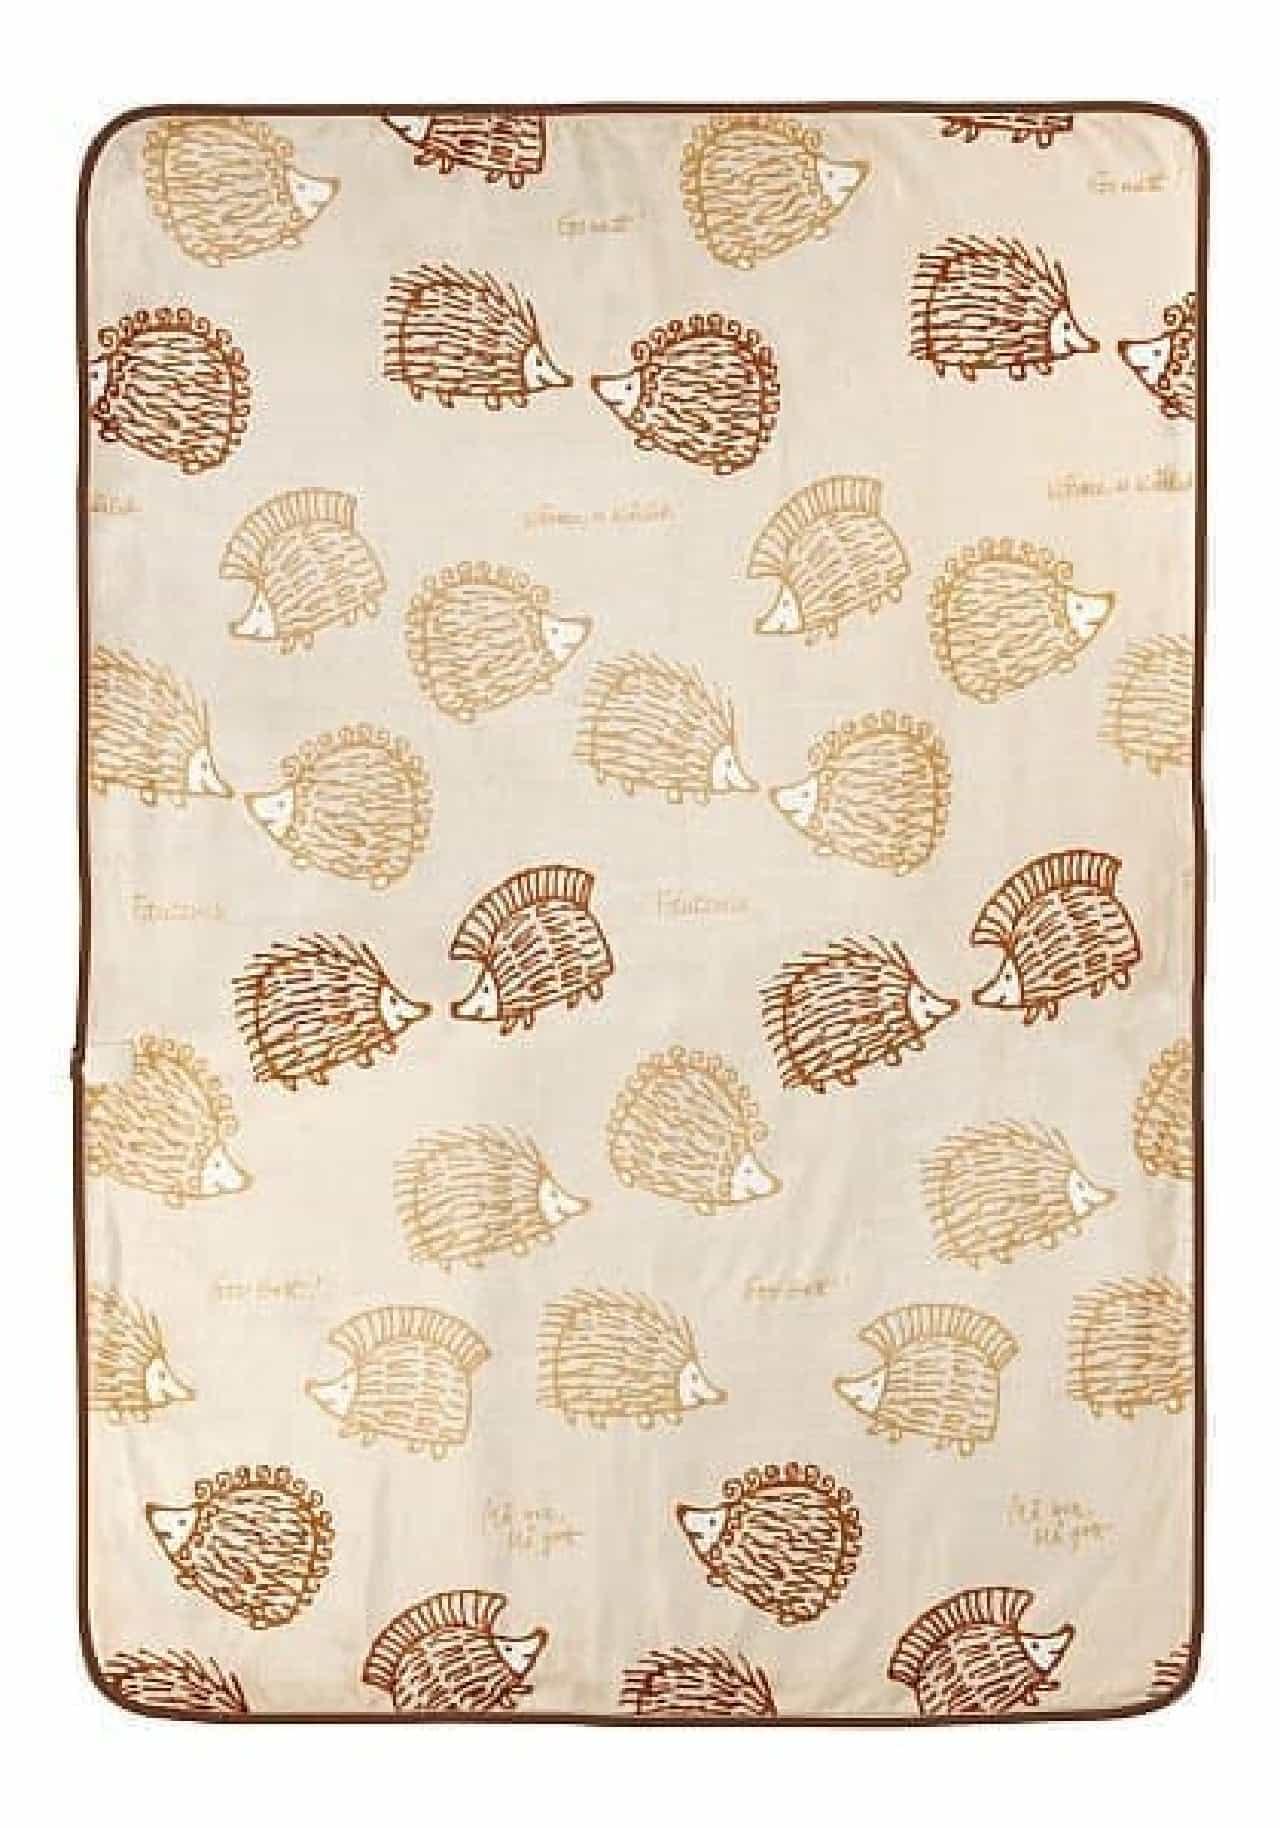 リサ・ラーソン「イギー・ピギー・パンキー」電気掛敷毛布